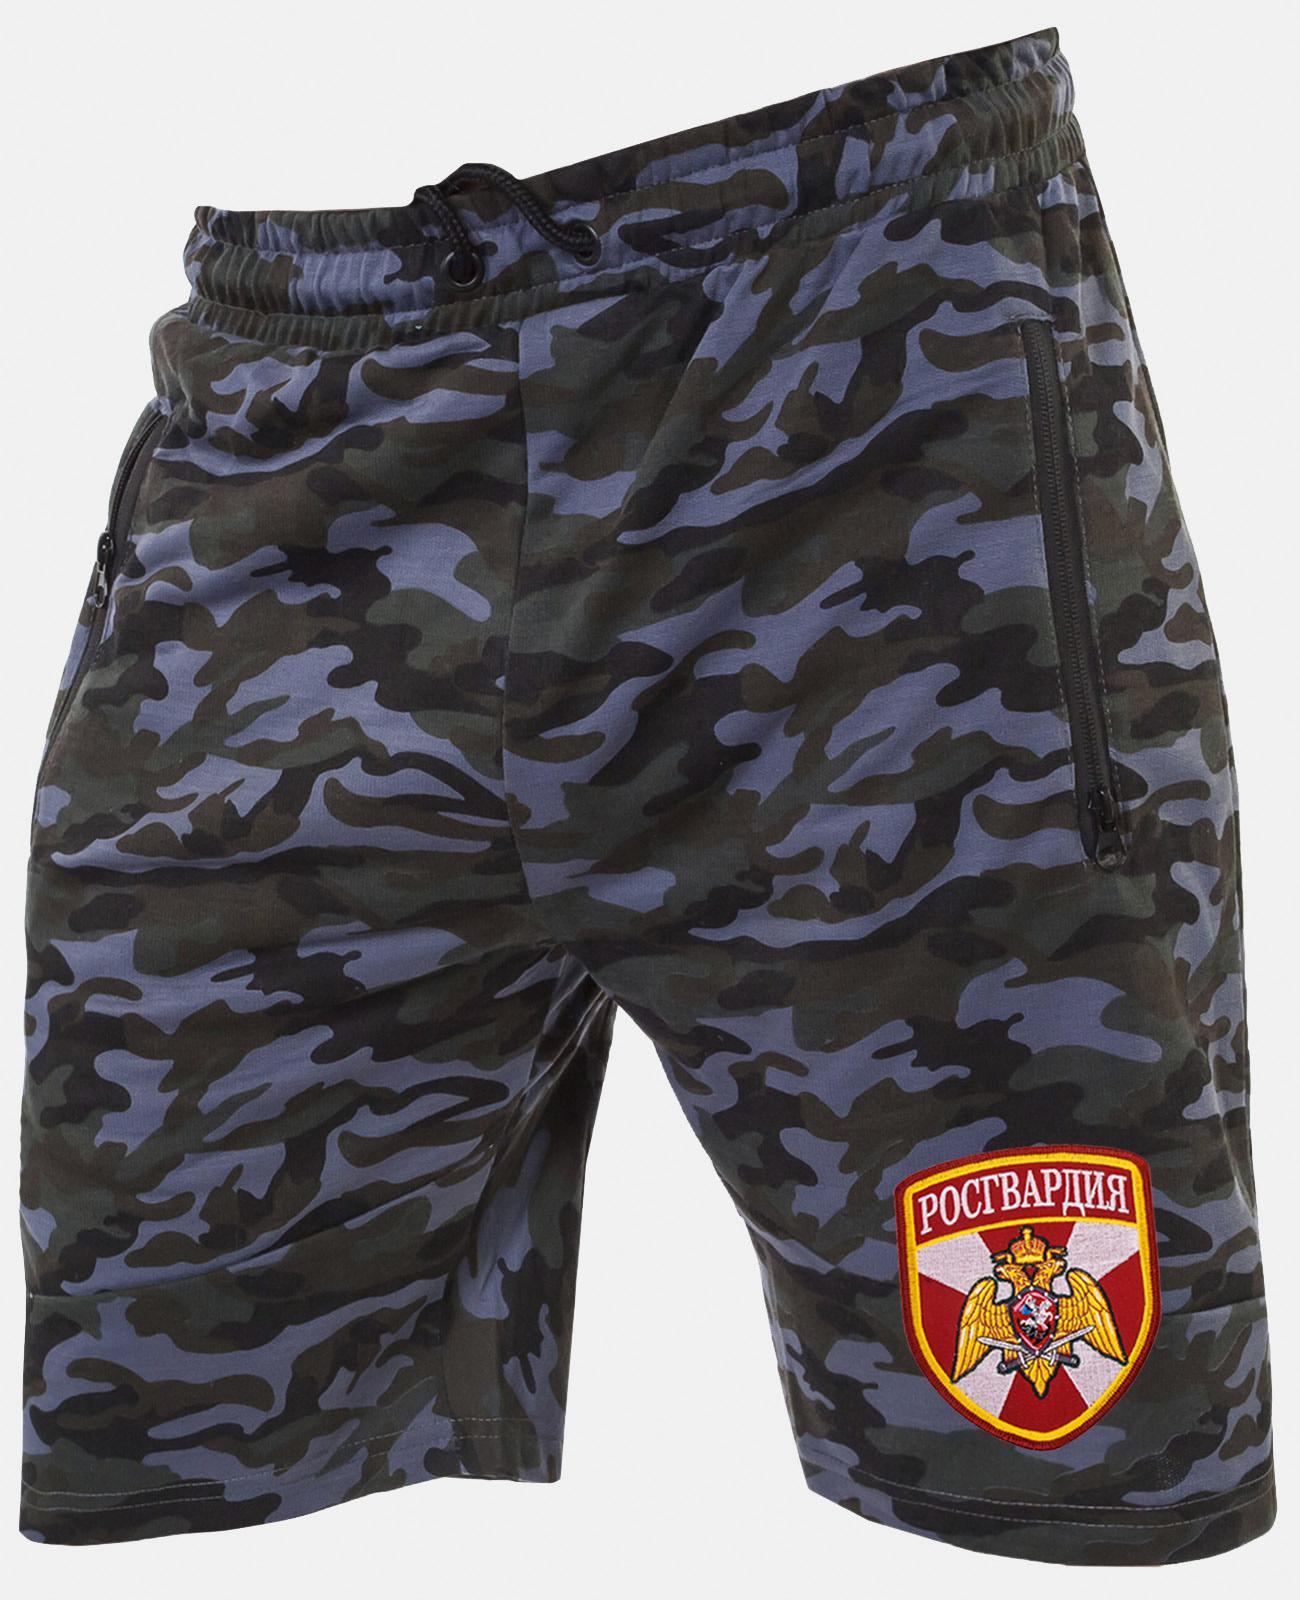 Надежные милитари шорты с нашивкой Росгвардия